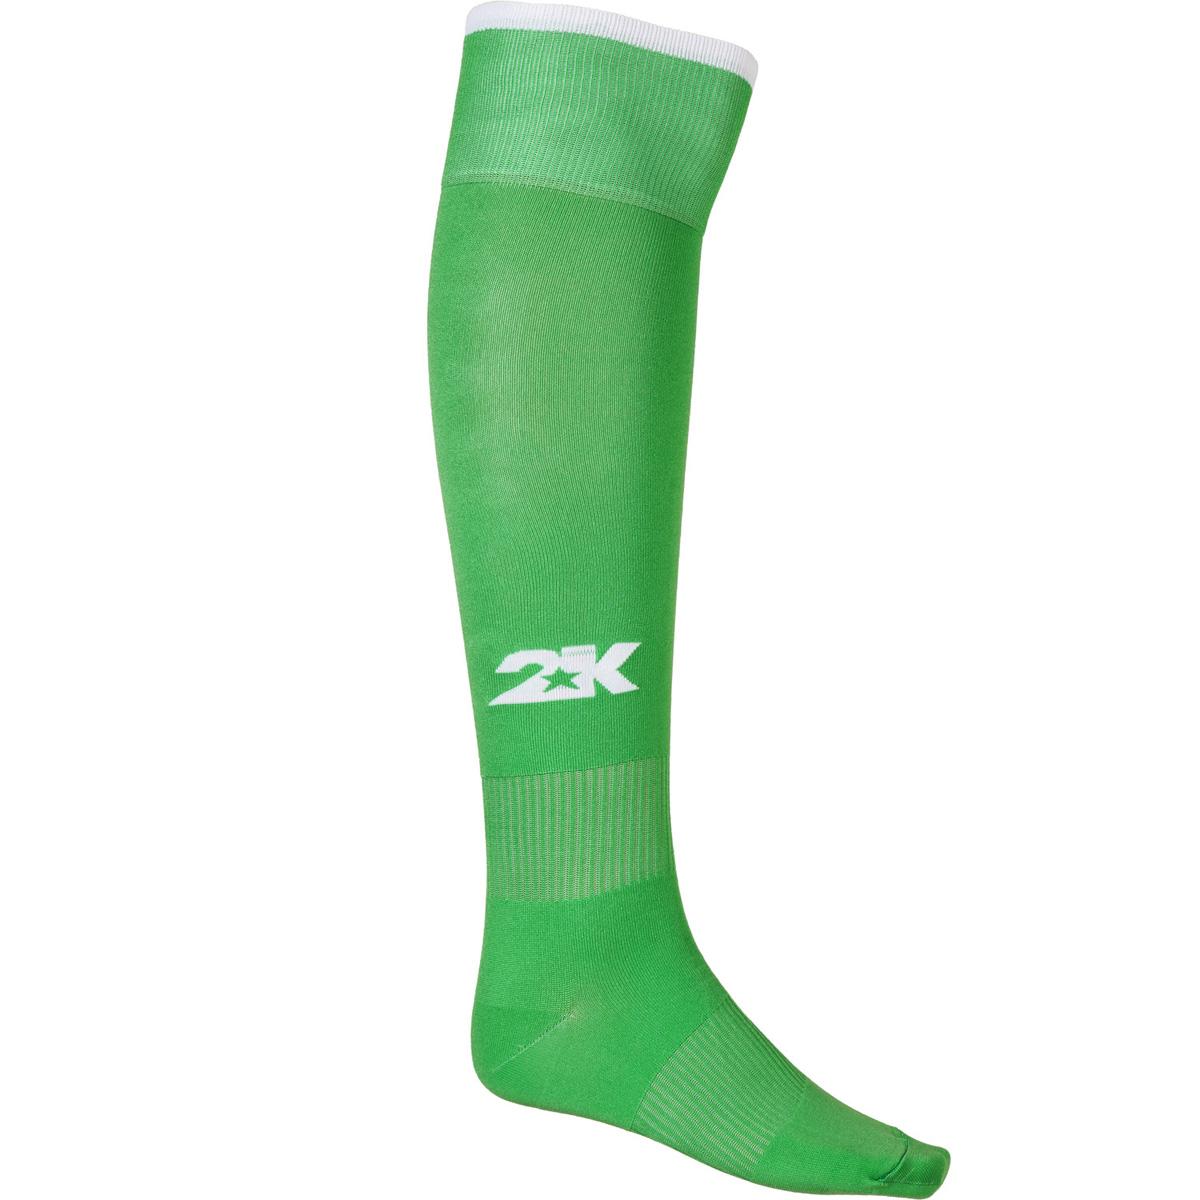 Гетры футбольные 2K Sport Classic, цвет: зеленый, белый. 120334. Размер 36/40120334_green/whiteКлассические футбольные гетры выполнены из высококачественного материала. Оформлены логотипом бренда.